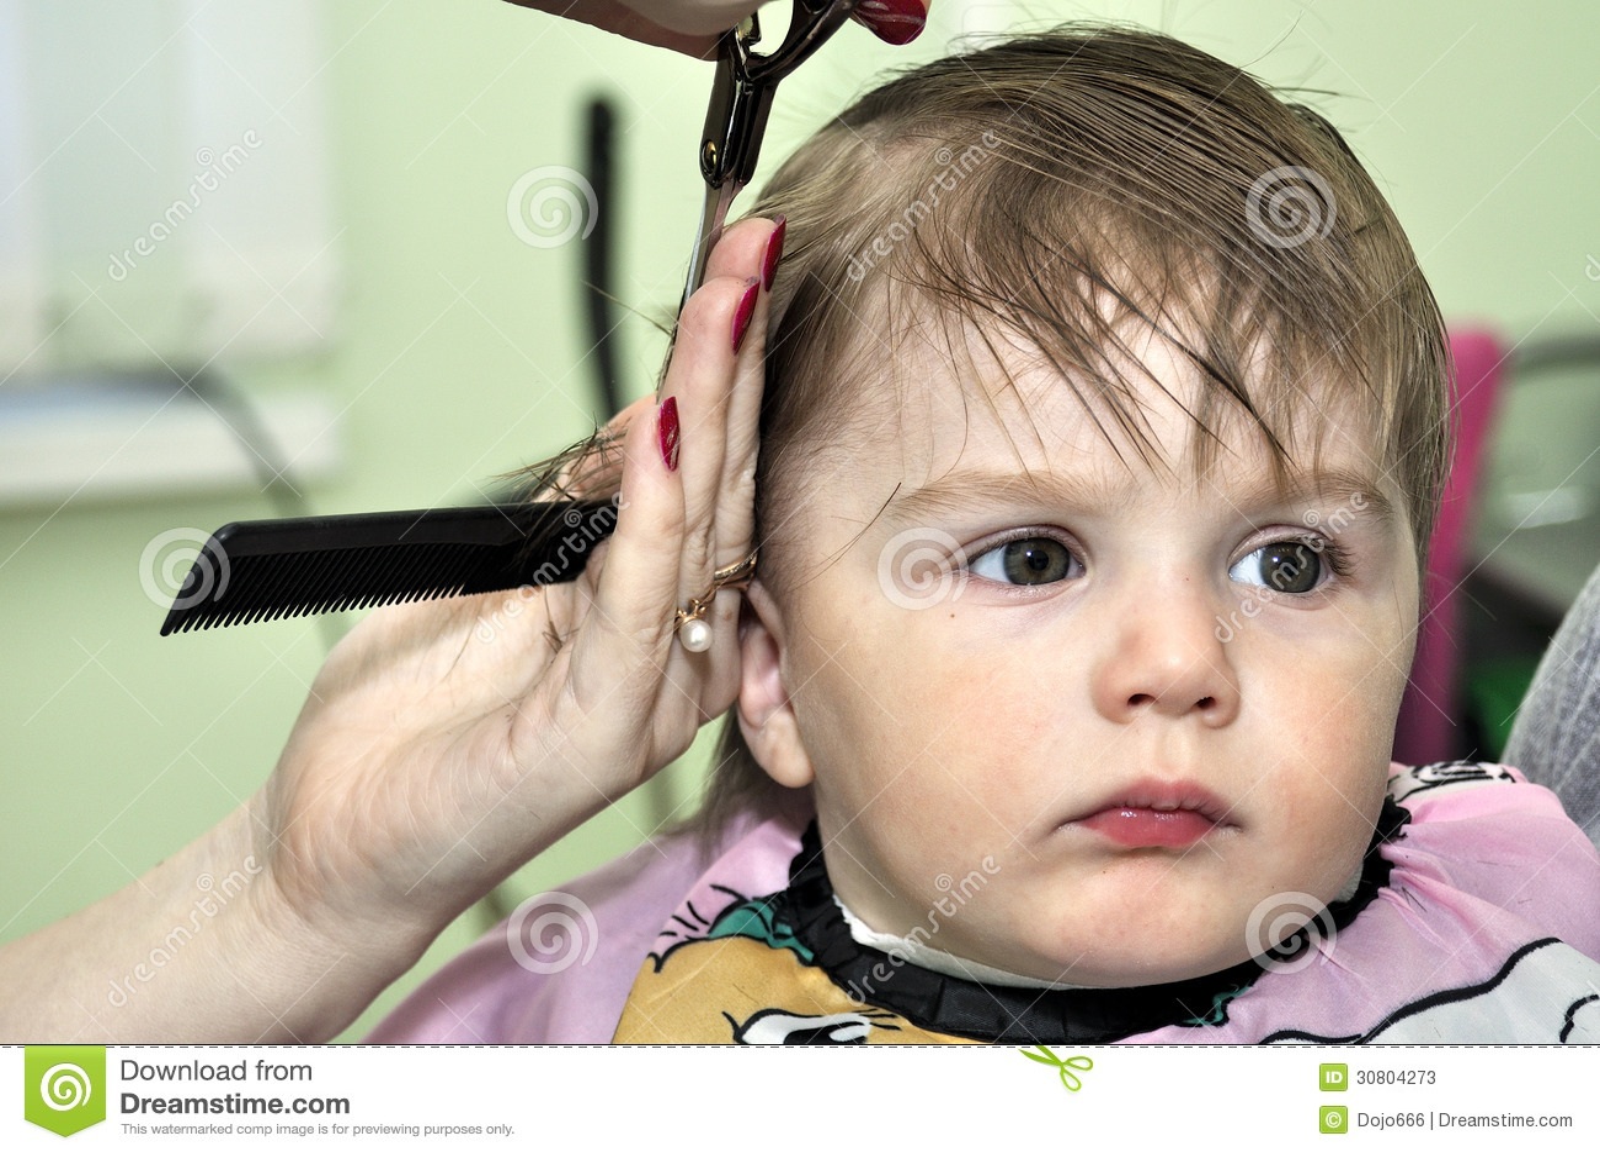 Crian 231 A Do Beb 234 De Um Ano Do Penteado Fotos De Stock